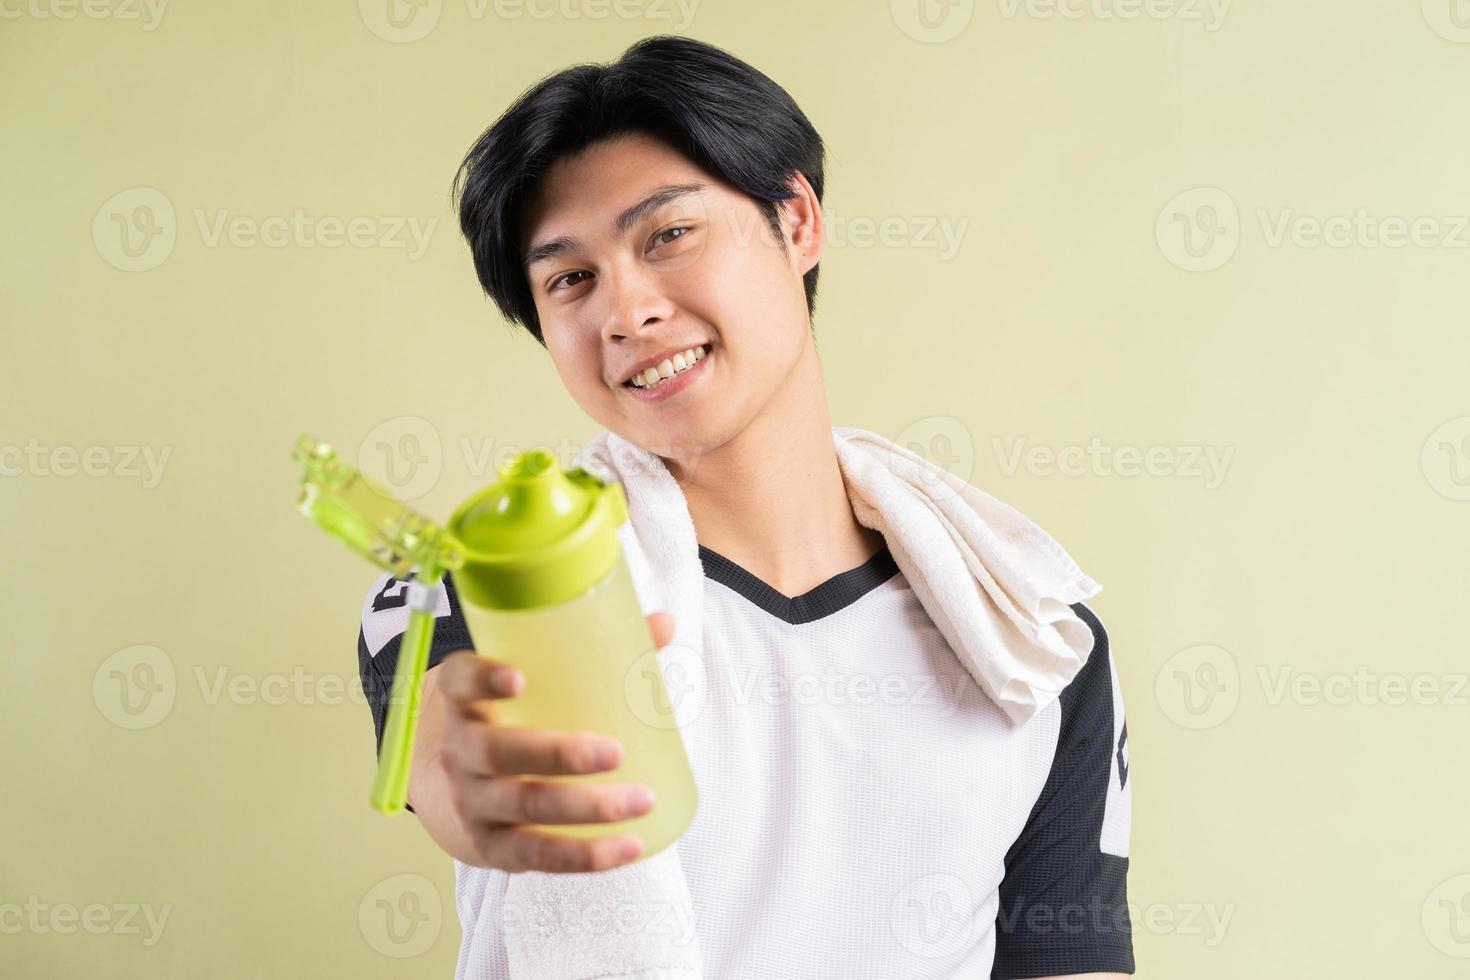 homme asiatique tenant de l'eau à la main sur fond vert photo